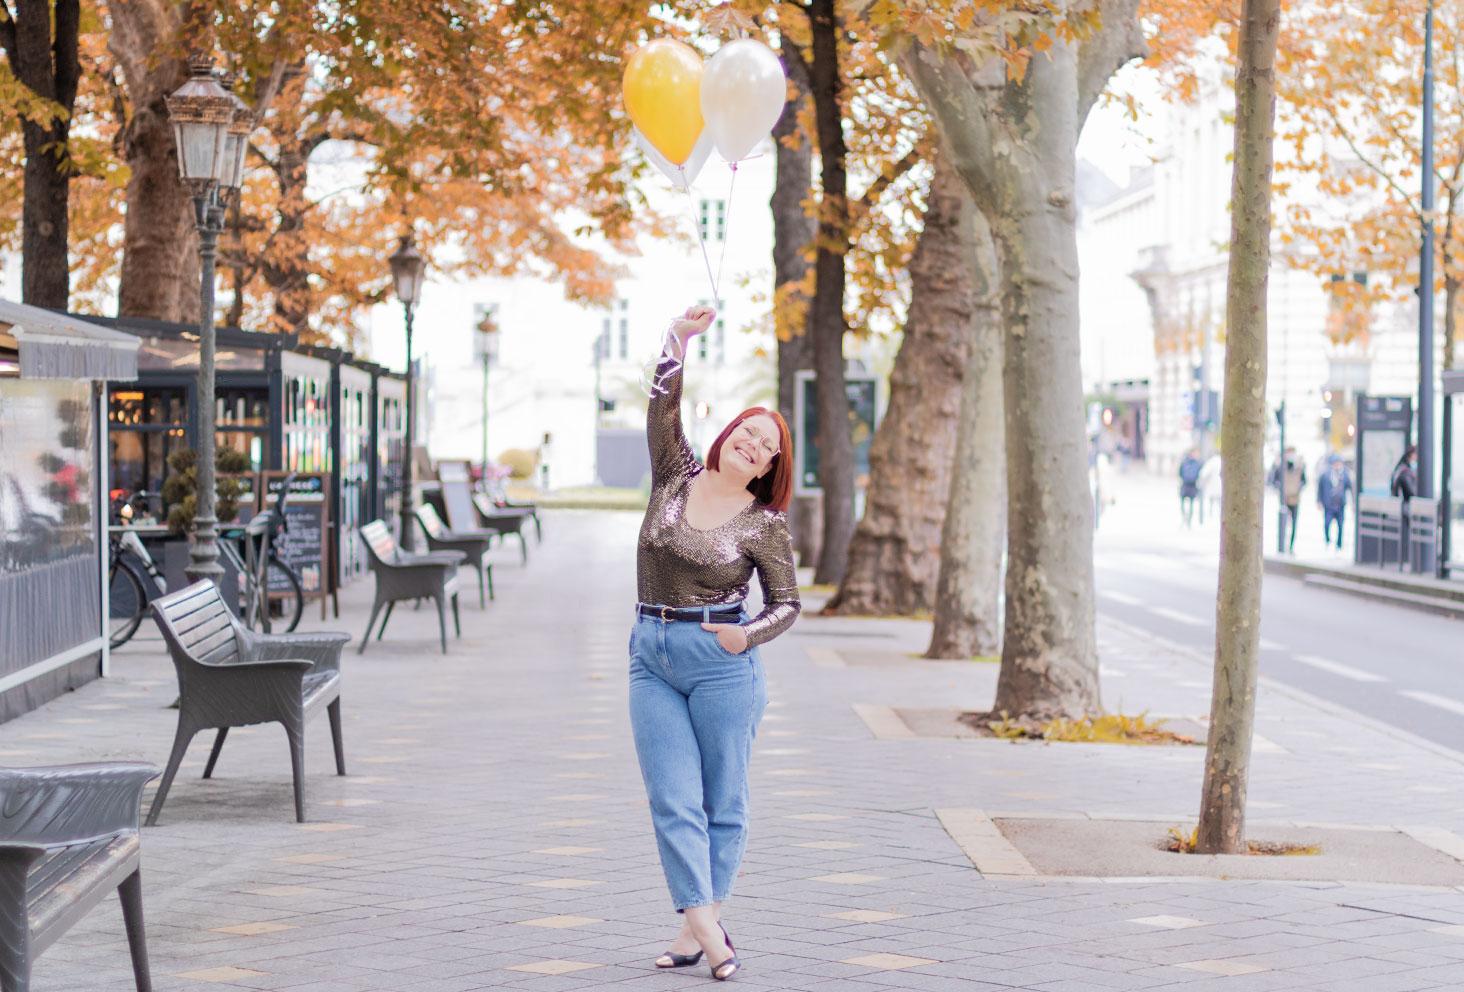 Dans la rue avec des ballons dorés, en body pailleté et jean, avec le sourire